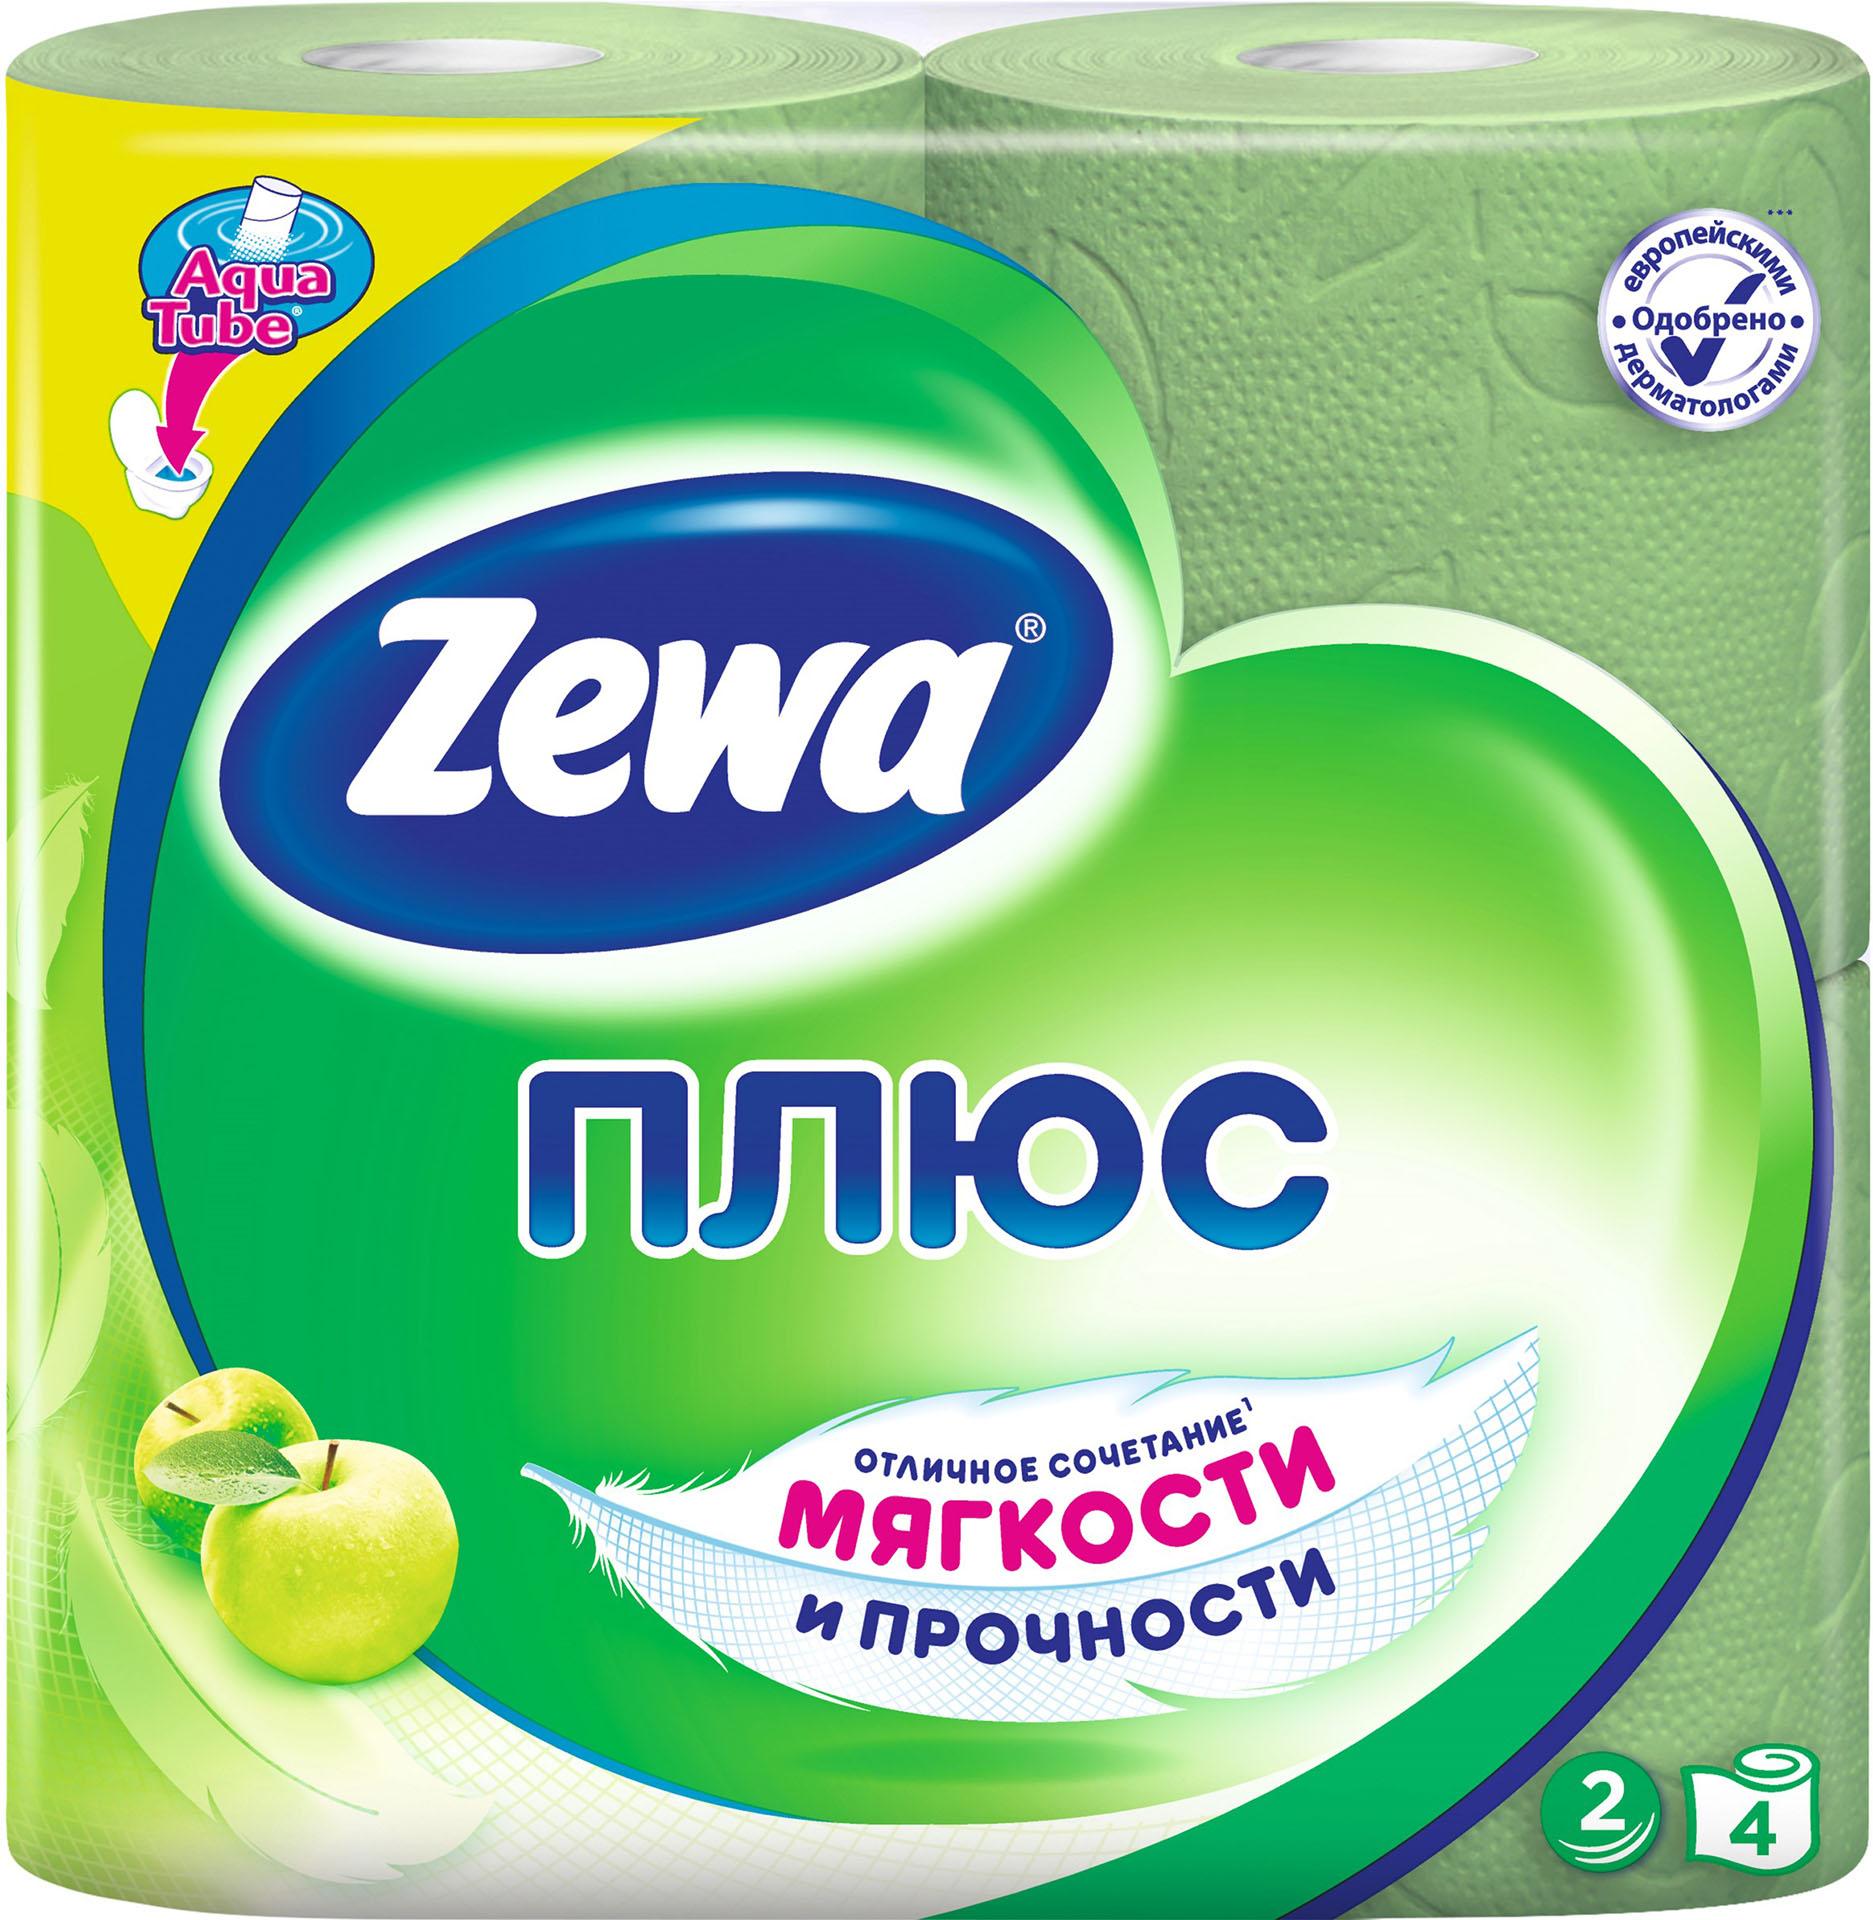 Туалетная бумага Стандарт 2-х сл., целлюлоза, 168отр.(9,5*12,5см.) Яблоко, 4шт./уп., зелен. ZEWA - фото 1